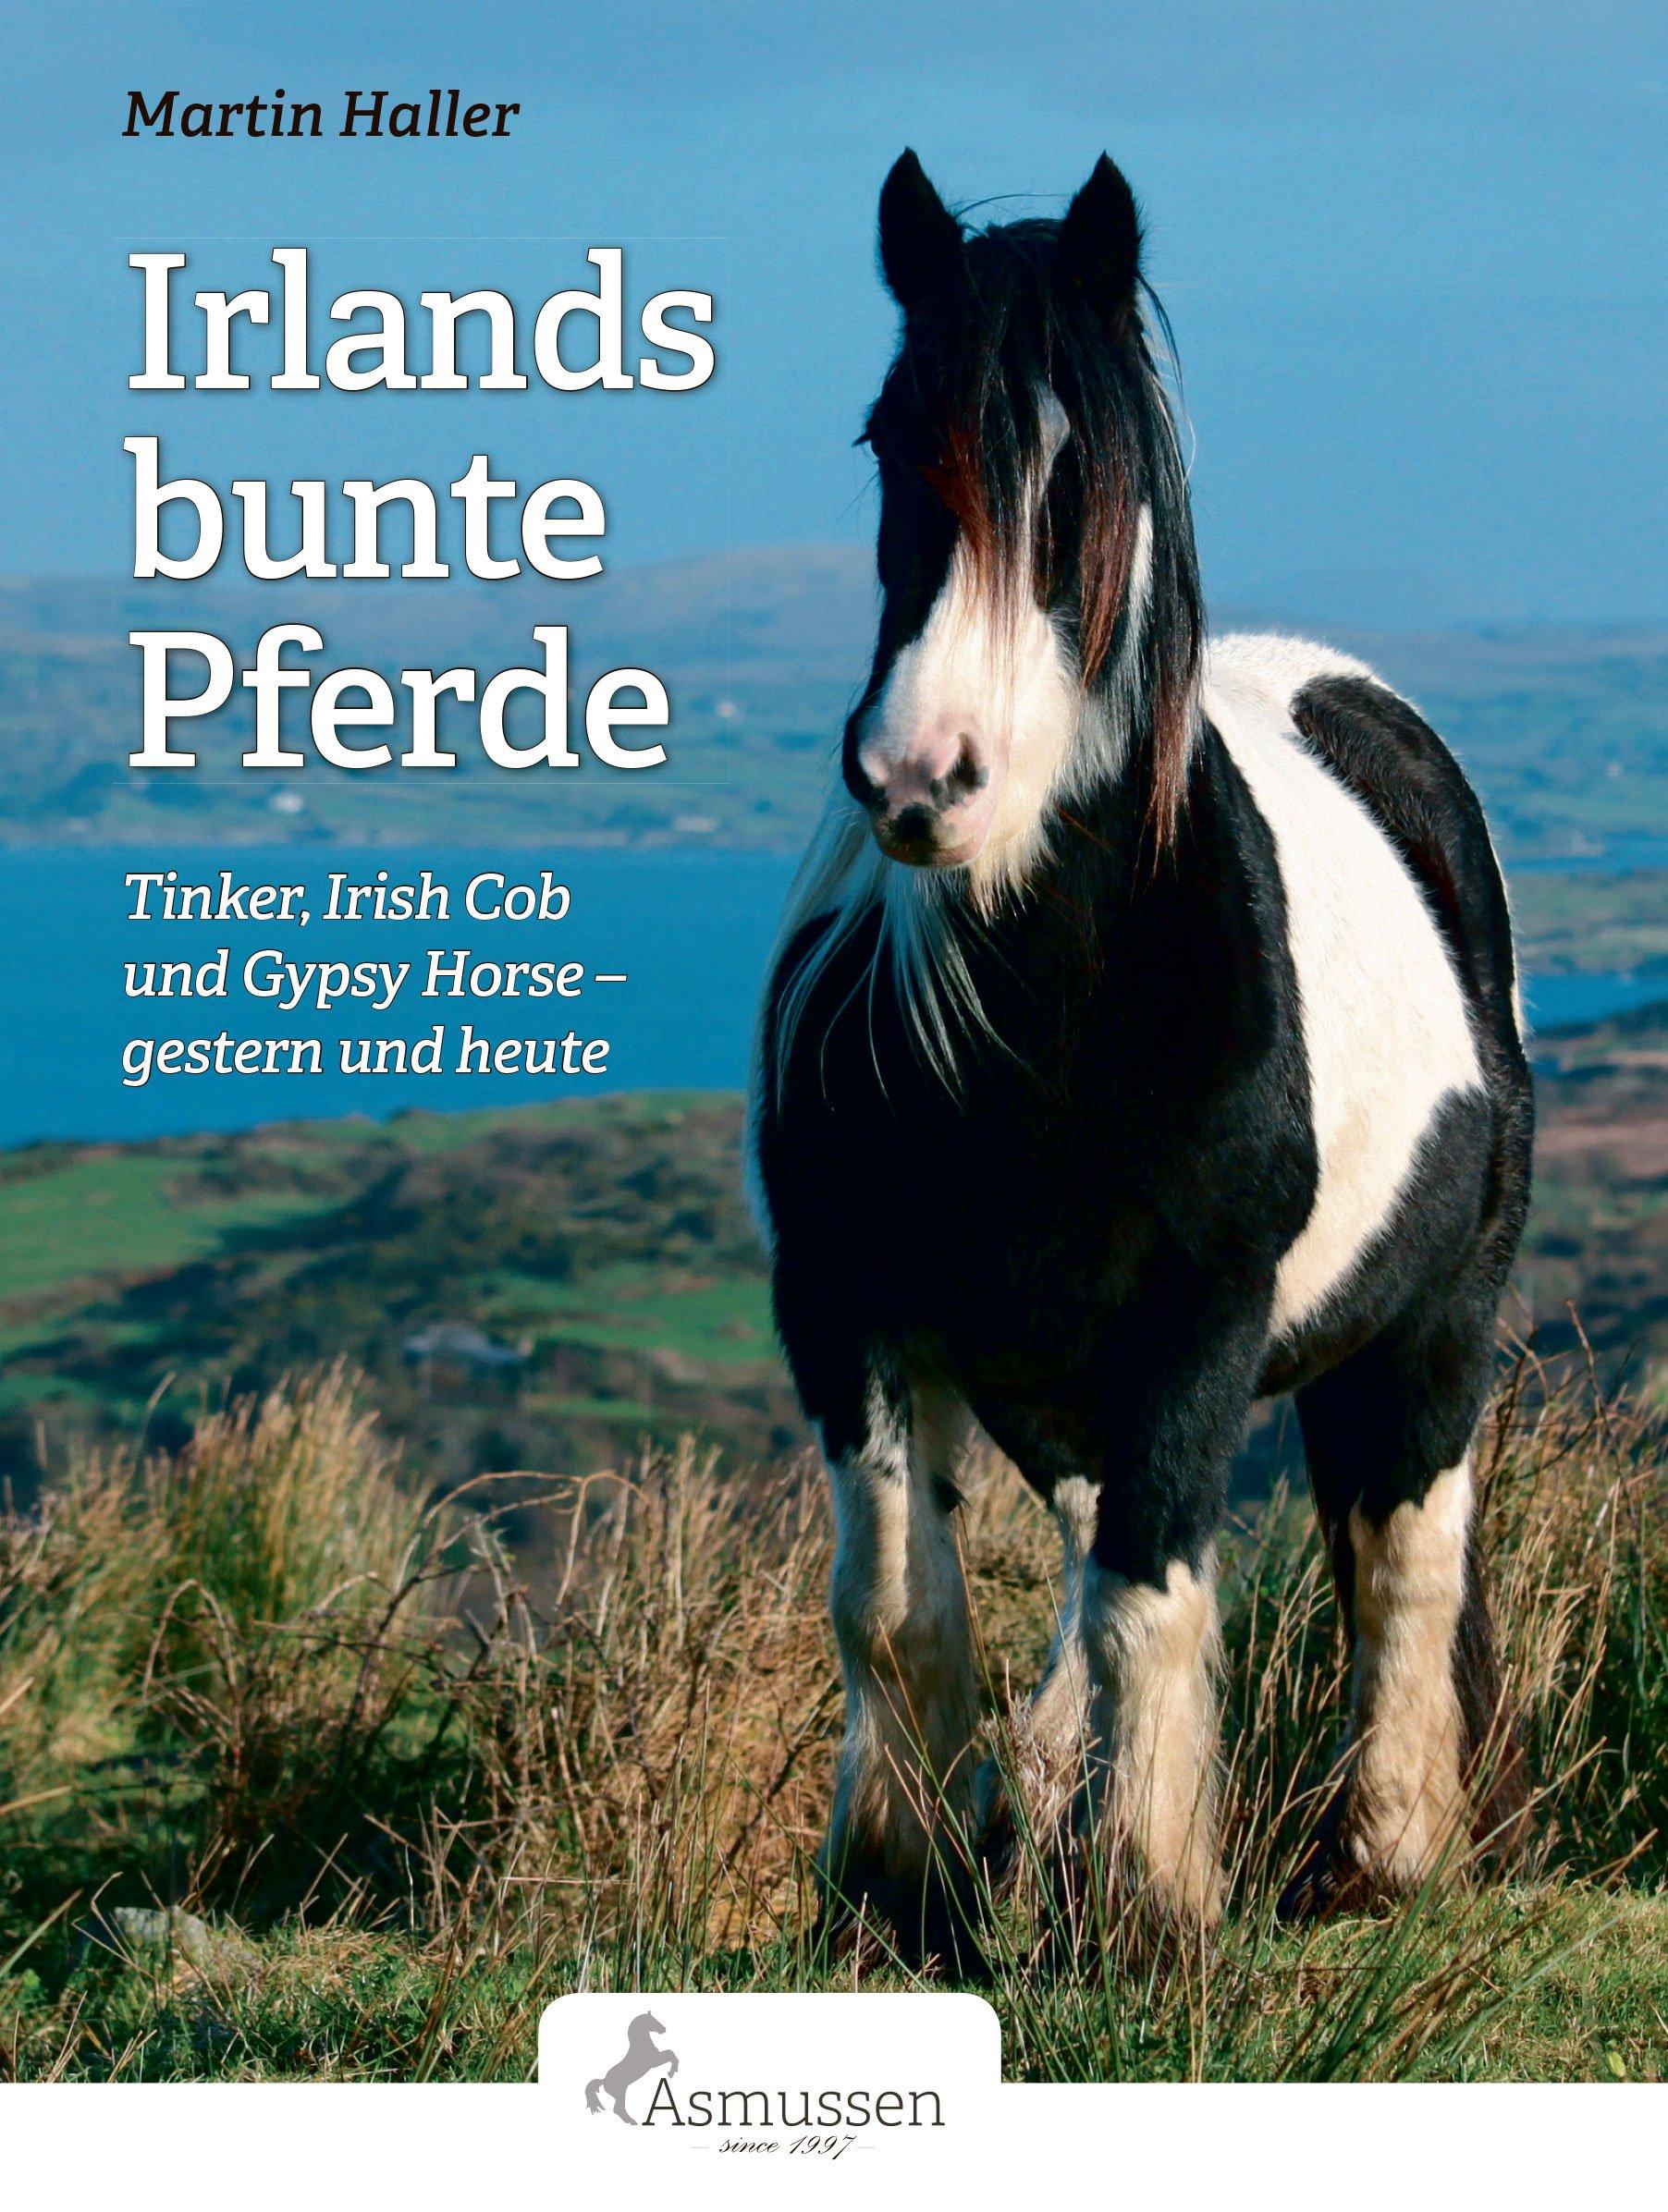 Irlands bunte Pferde: Tinker, Irish Cob, Gypsy Horse - gestern und heute